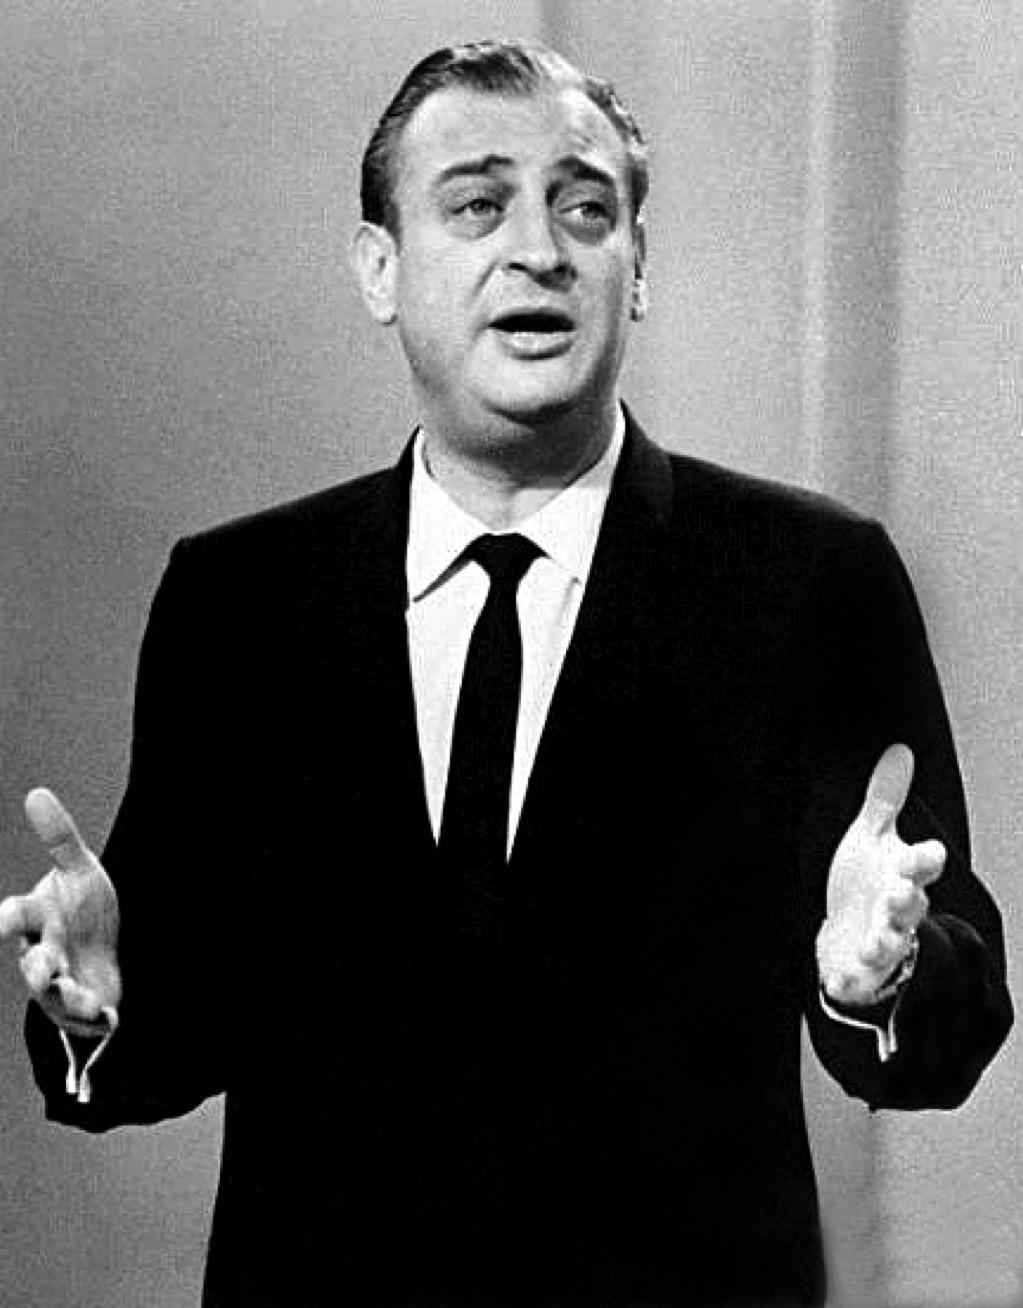 Rodney Dangerfield Jokes From Comedy Legends